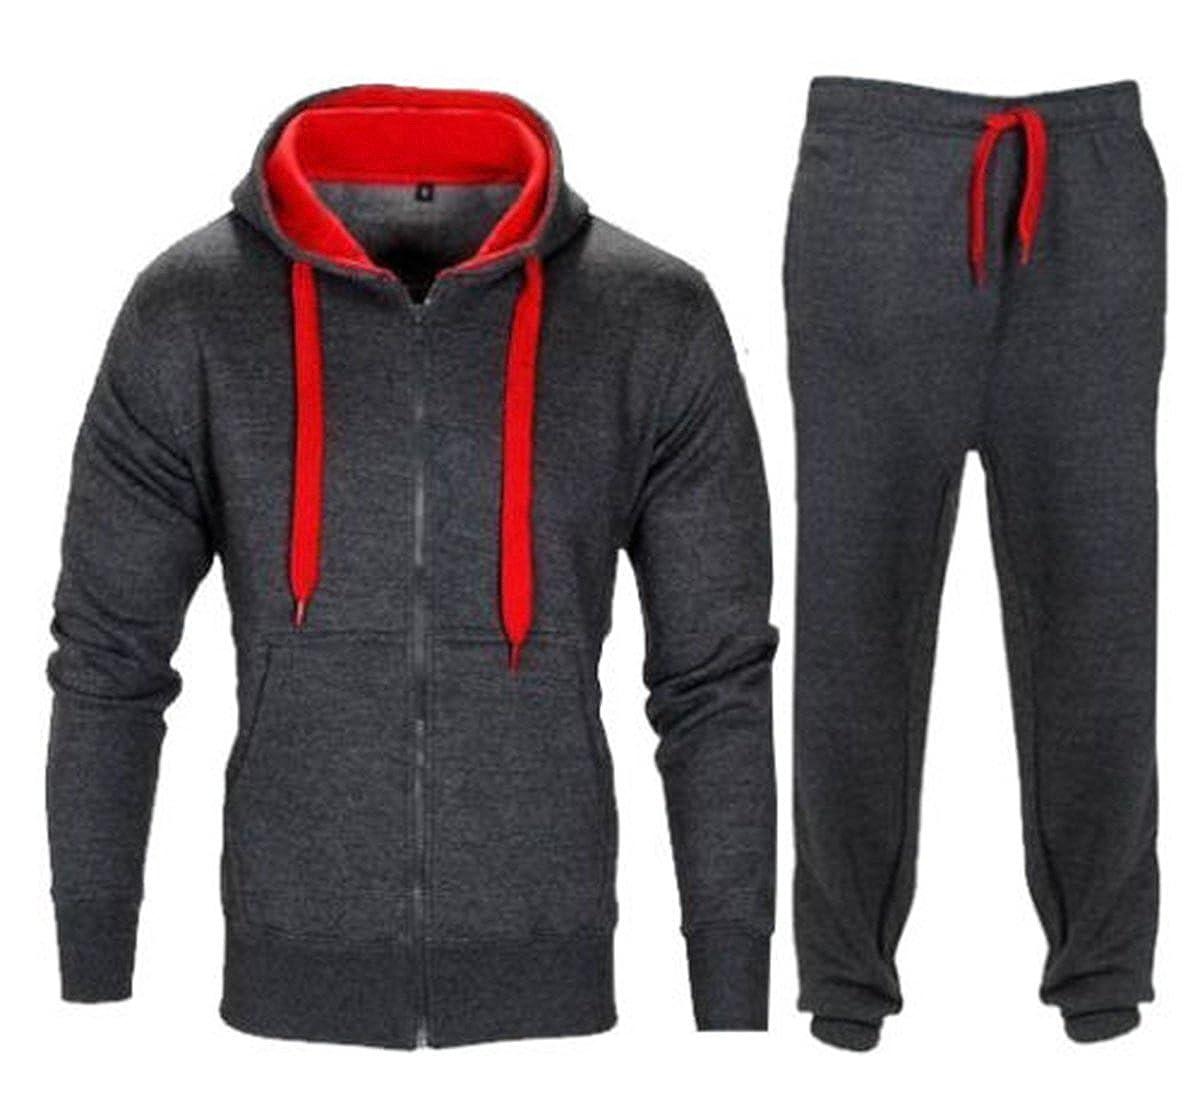 maglia a maniche lunghe tinta unita o a contrasto pantaloni da palestra in pile Parsa Fashions Tuta da uomo Red M taglie dalla S alla 5XL Charcoal con cerniera e cappuccio